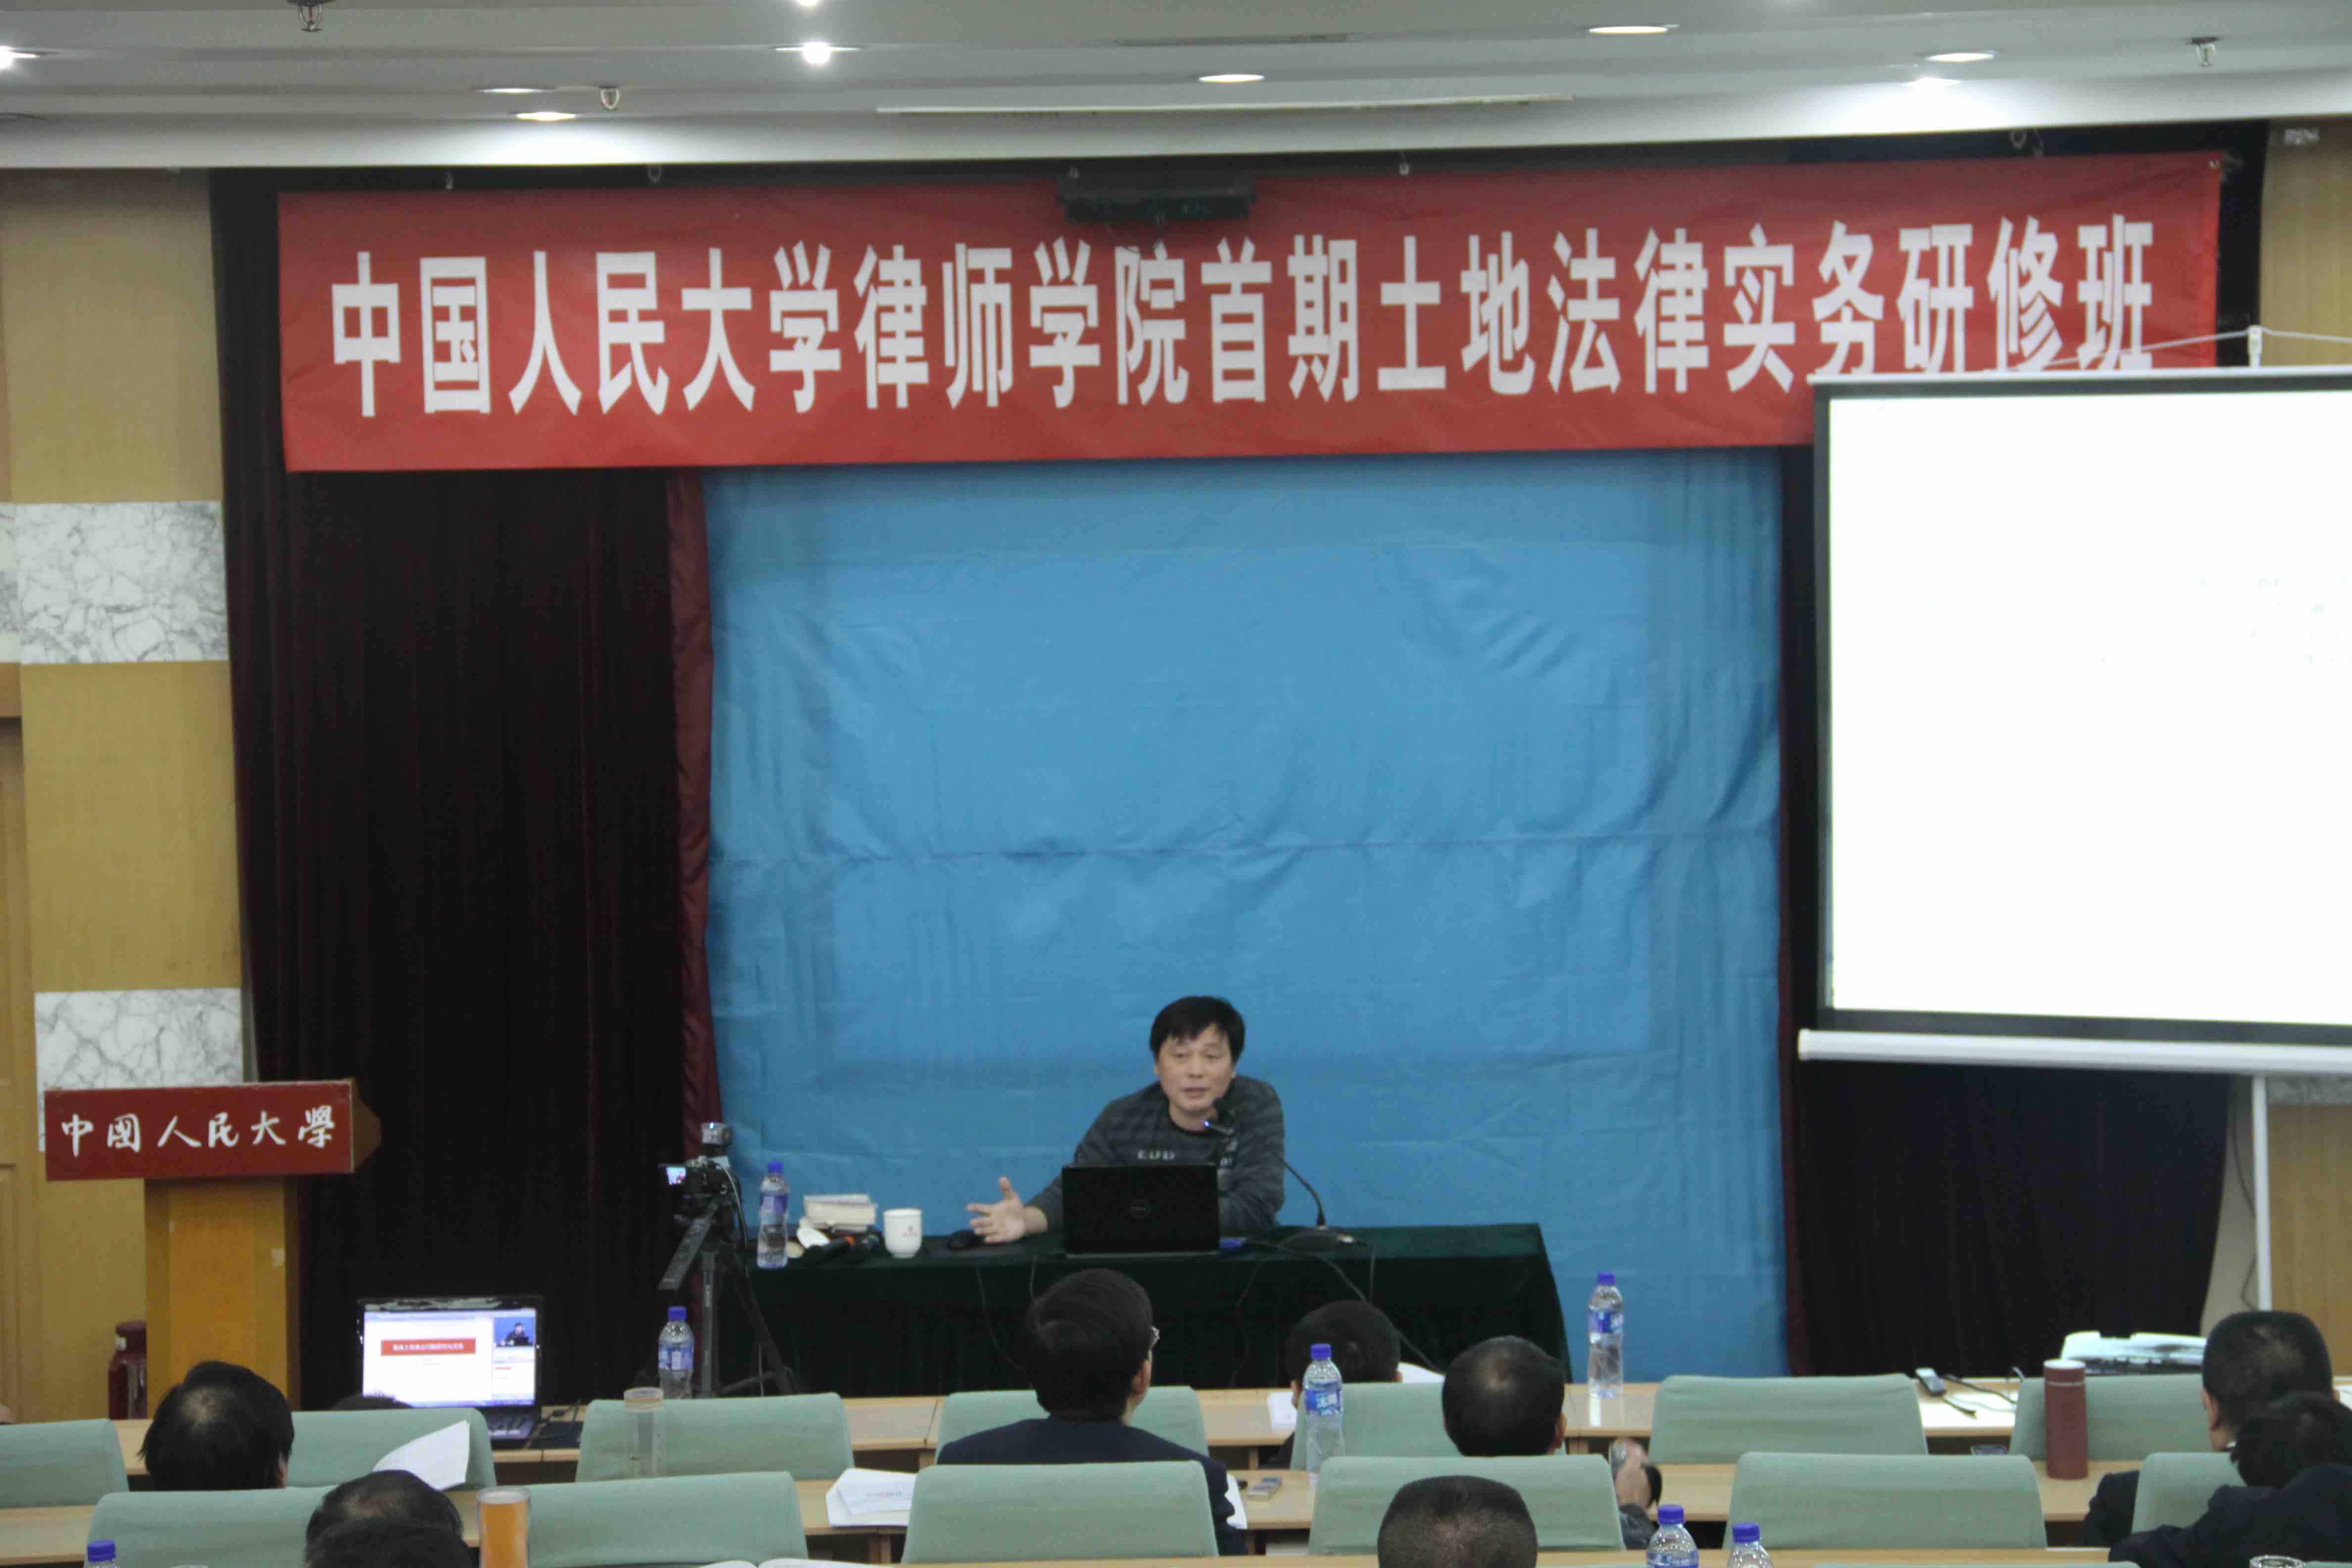 孙事龙律师应人民大学邀请讲授土地法律实务课程